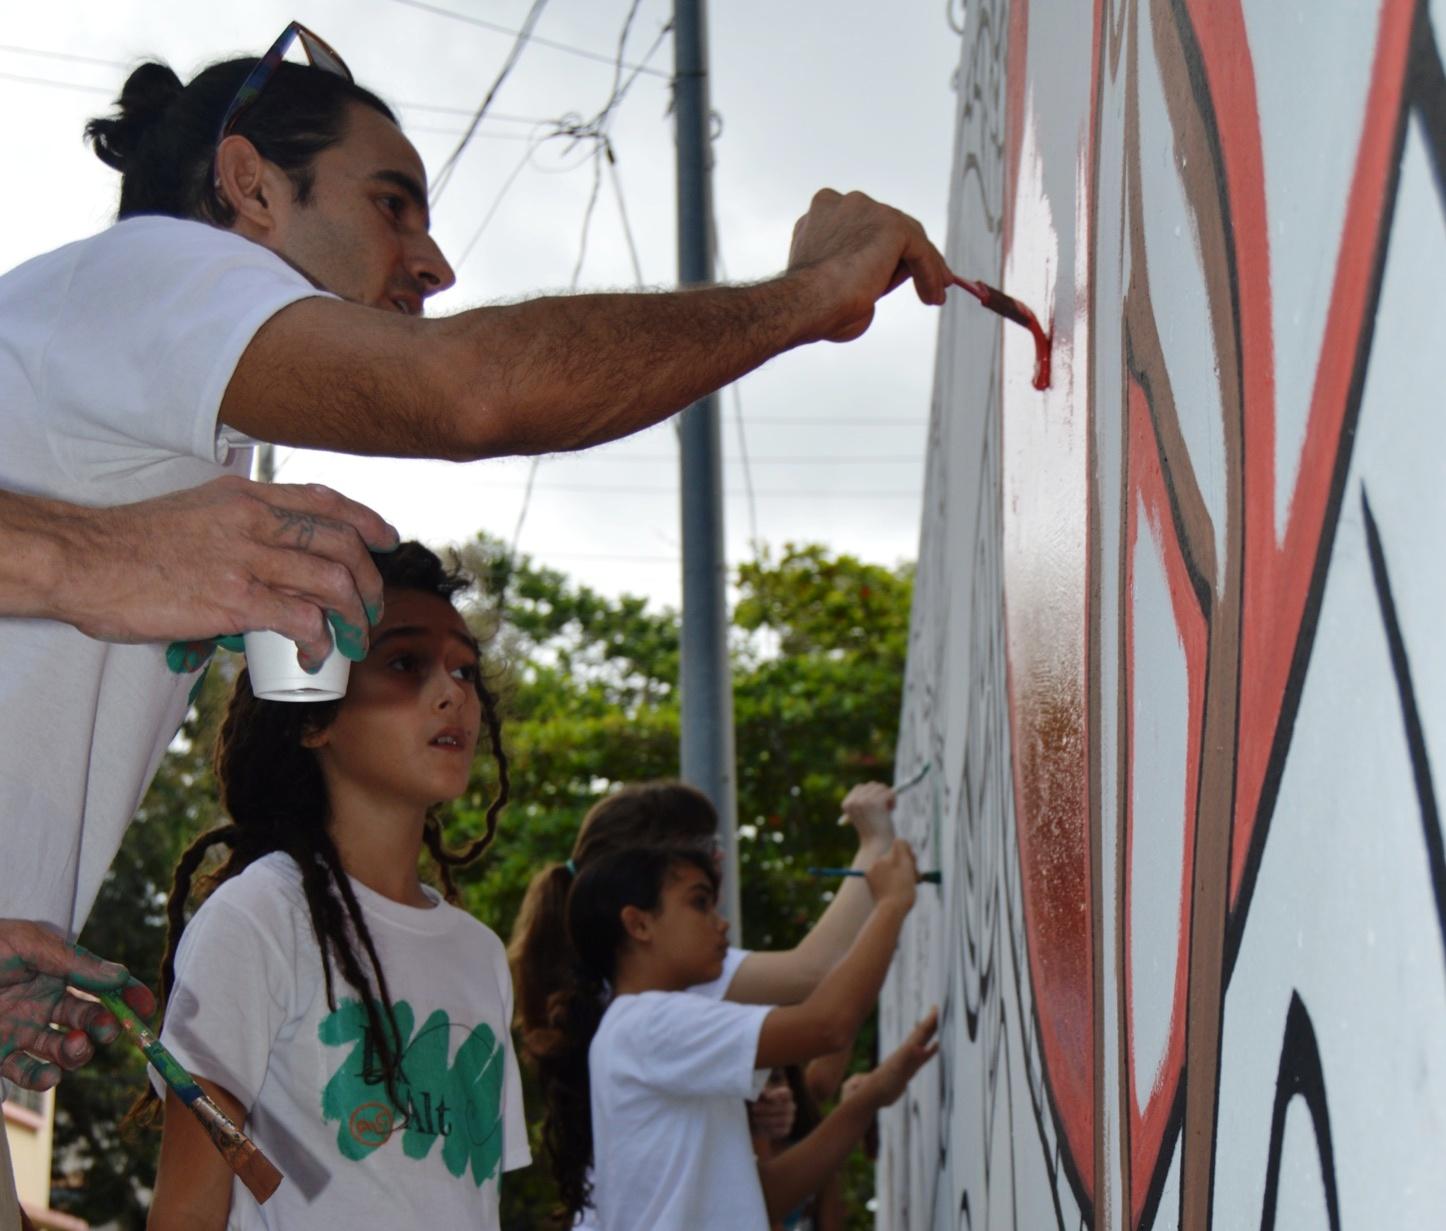 El artista enseña a una niña a cómo deslizar la brocha sobre una pared convertida en lienzo. (Foto Alina Marrero para Fundación Nacional para la Cultura Popular)